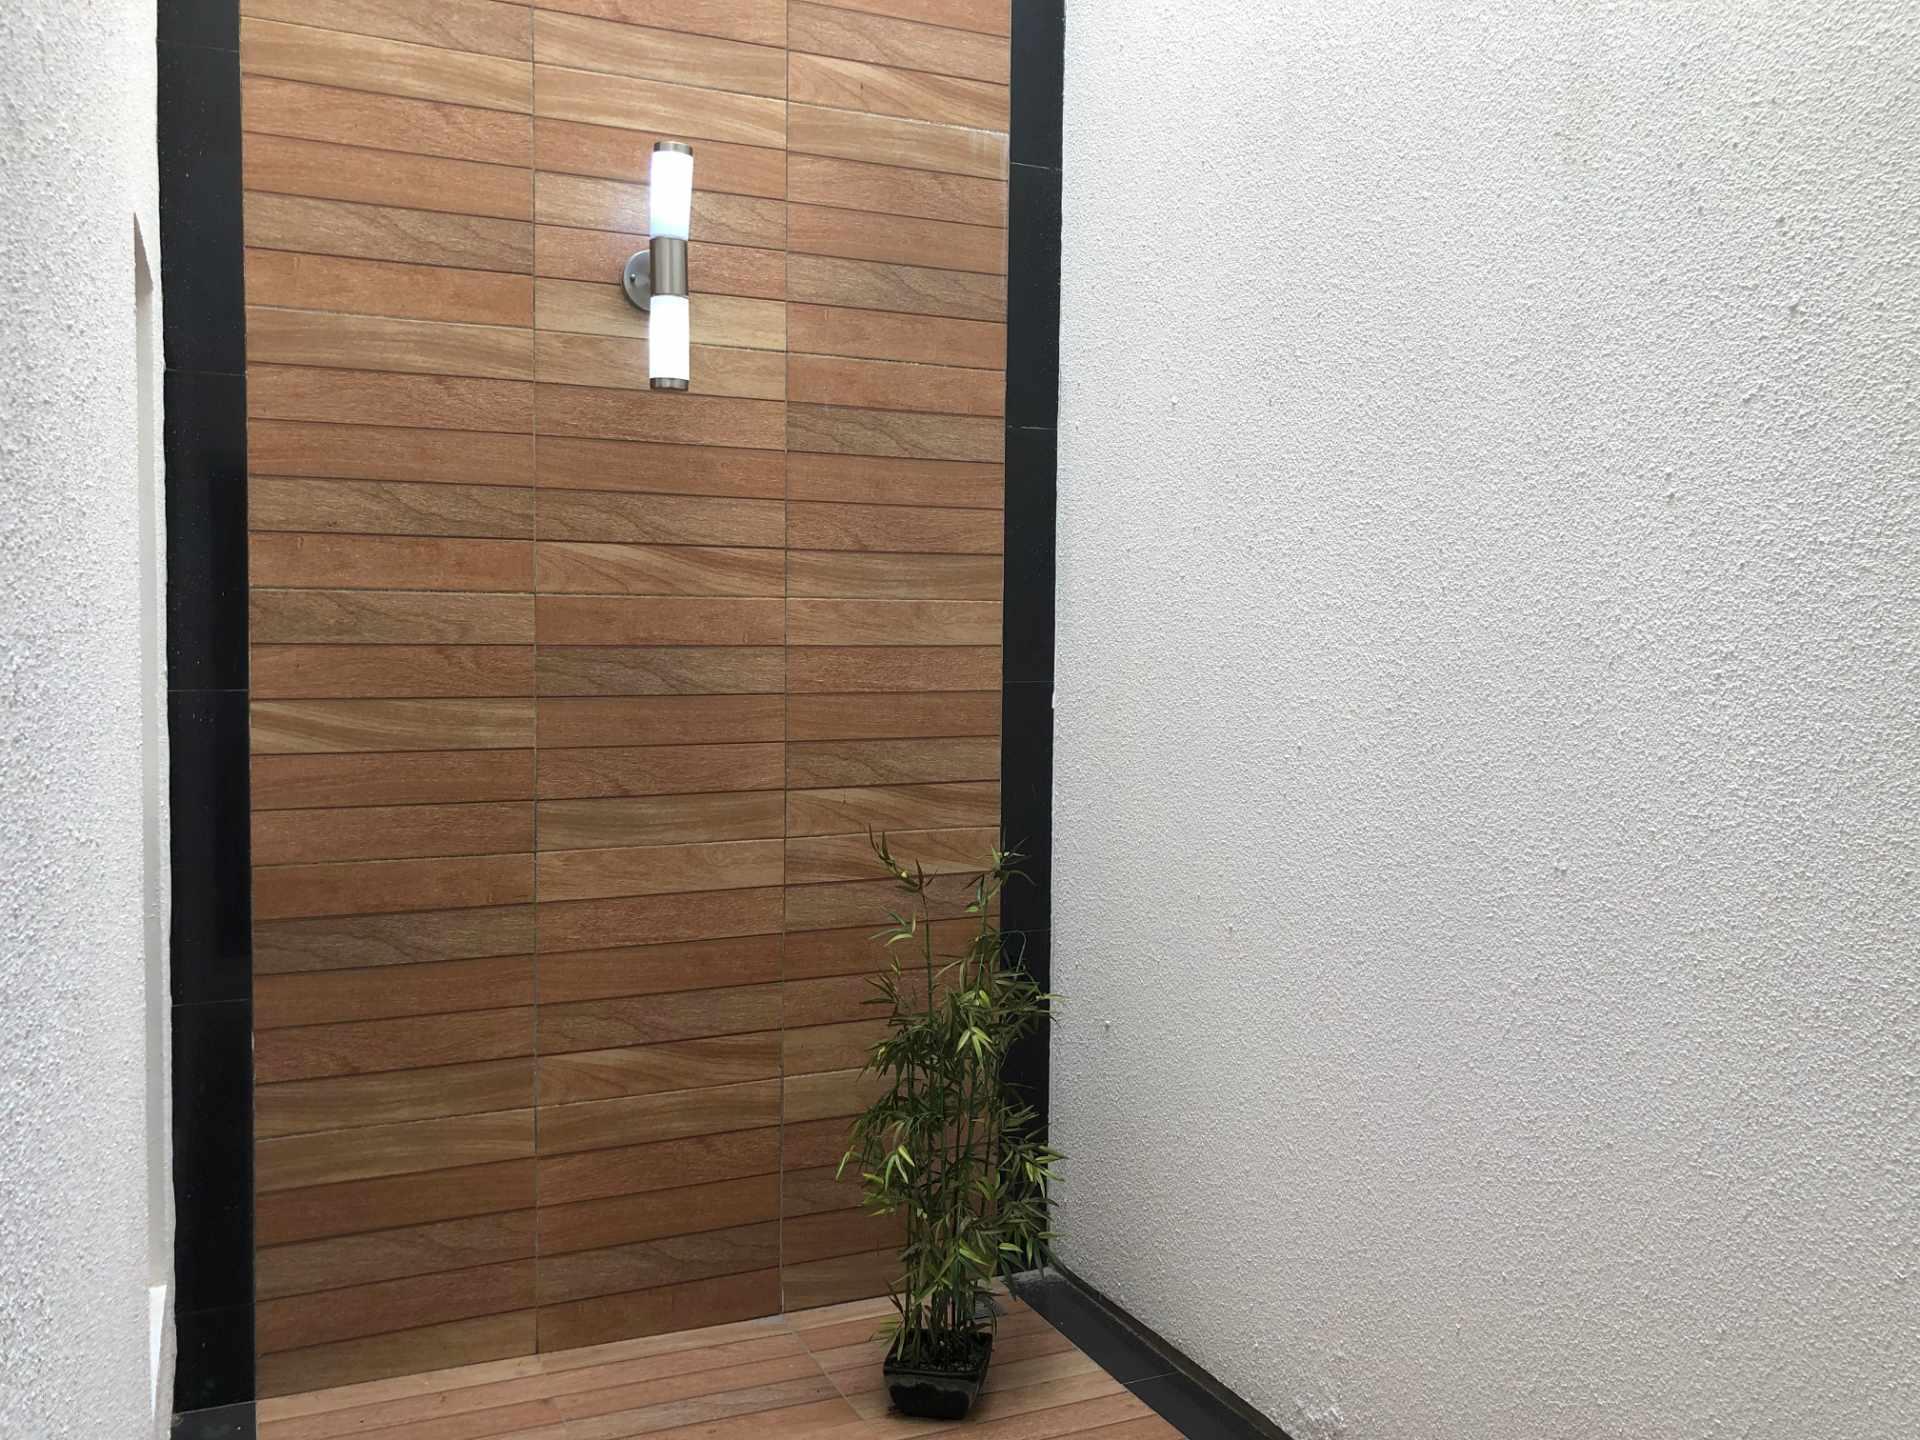 Departamento en Alquiler Condominio Onix [Equipetrol Norte], Departamento monoambiente full amoblado de lujo en alquiler, con parqueo techado. [600$us., expensas incluidas] Foto 10